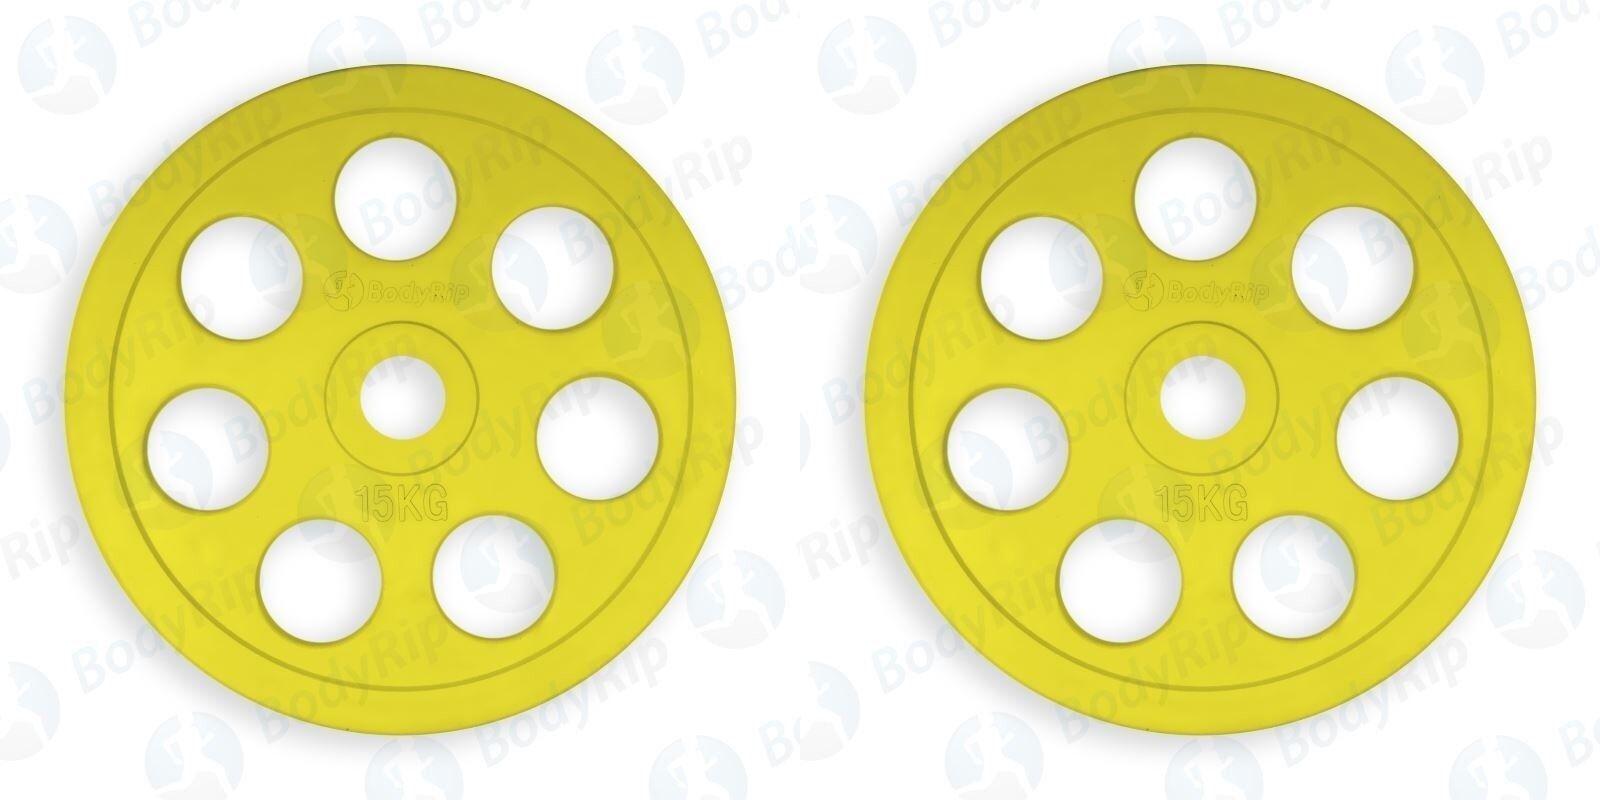 Olimpico Ghisa Peso Piatti Set Coppia 15kg │ 2  Disco Codice Coloreee By Bodyrip